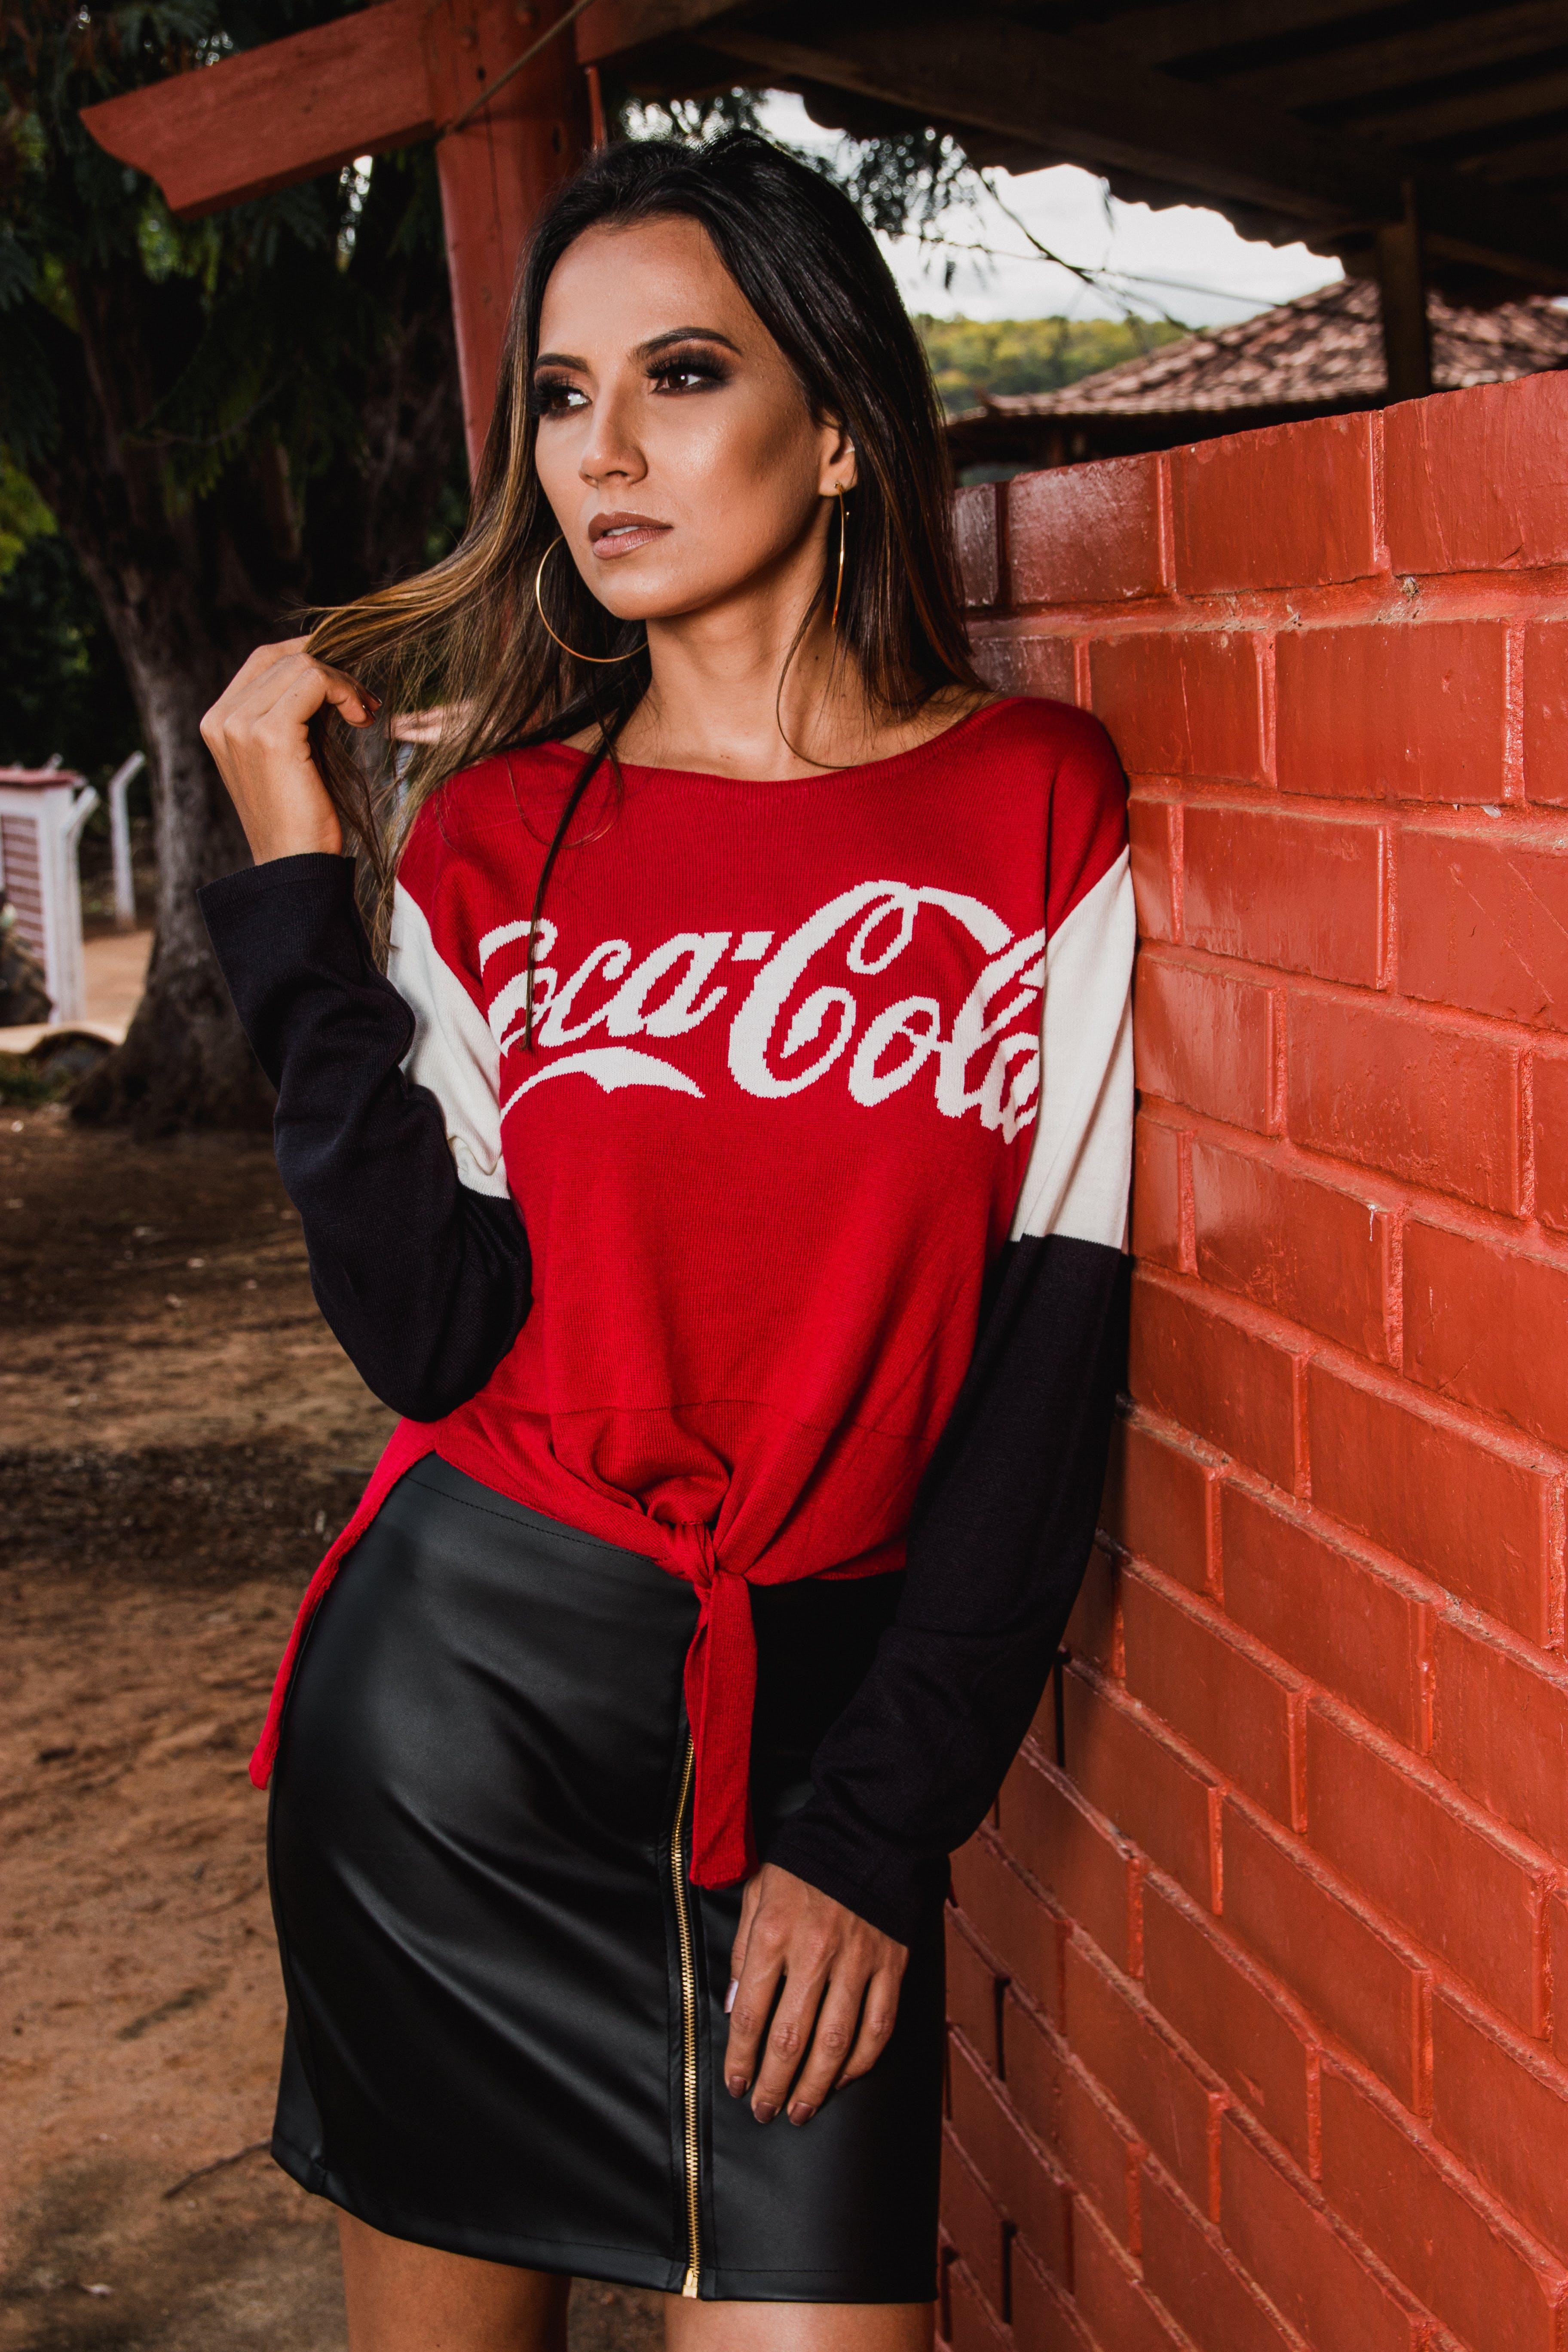 Kostenloses Stock Foto zu fashion, model, draußen, erwachsener